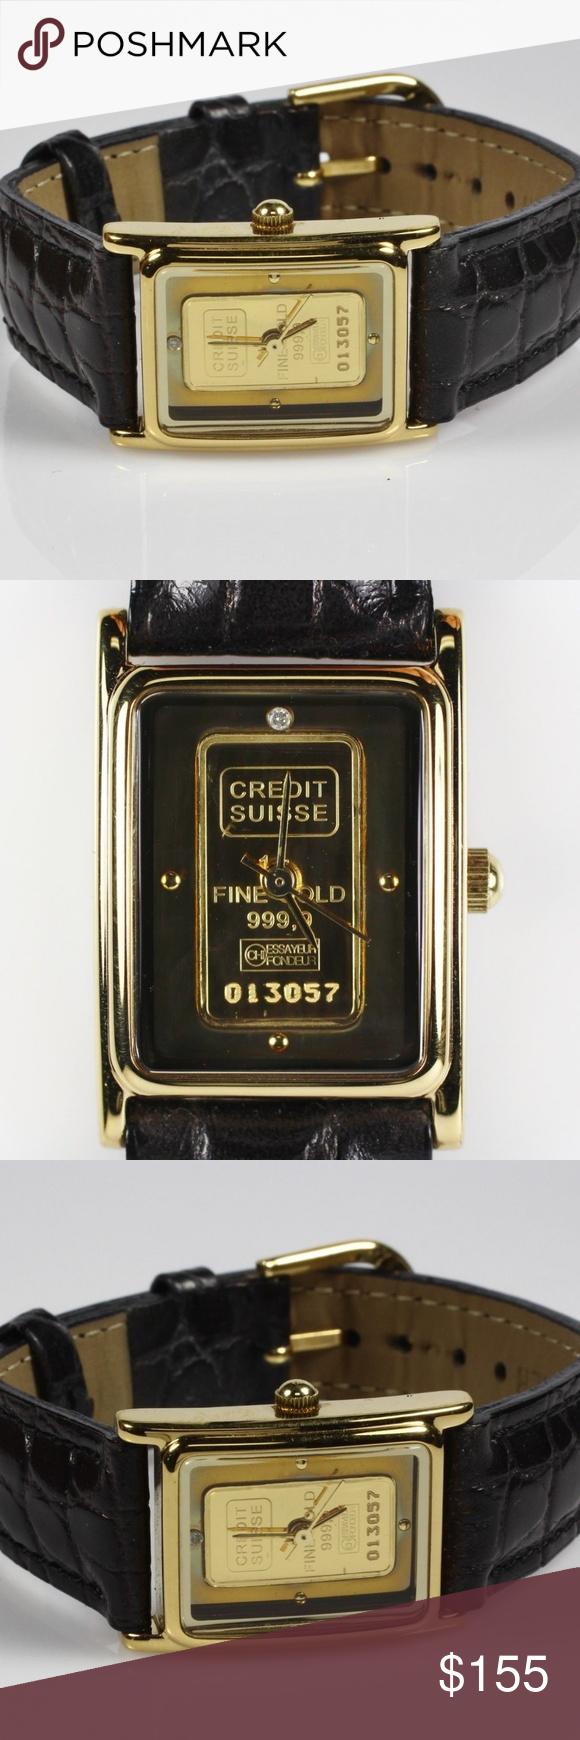 Jules Jurgensen Watch Credit Suisse 1 Gram Gold Jules Jurgensen Vintage Watches Jules